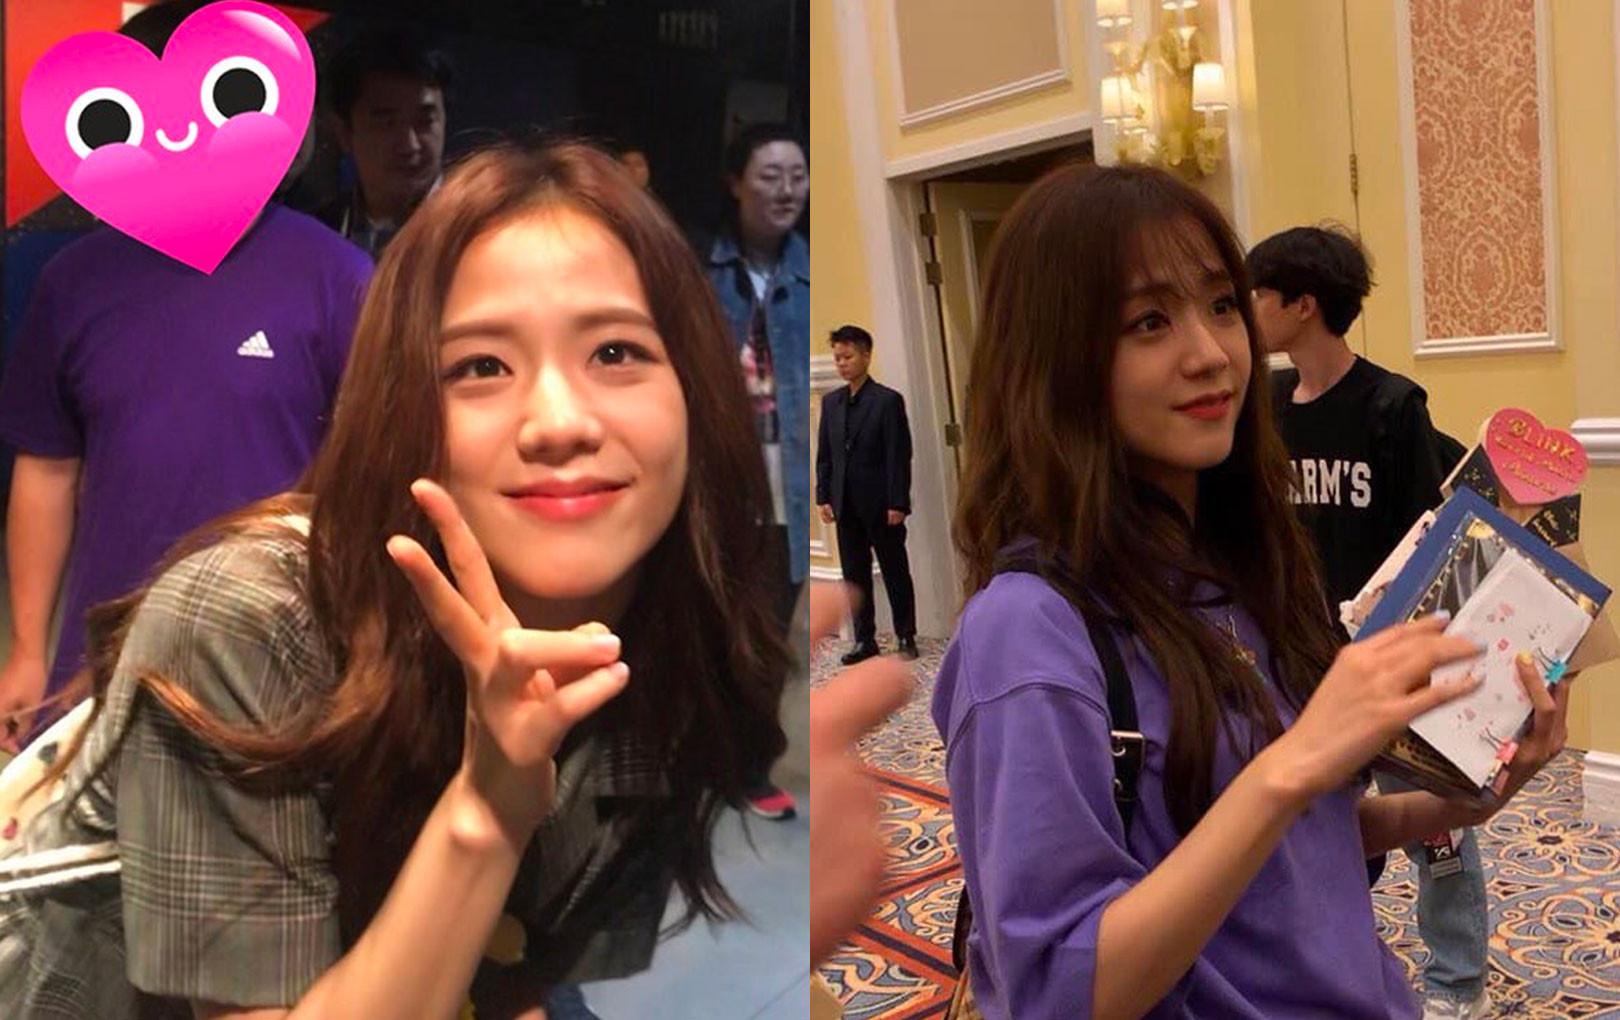 """Thần thái diễn viên, được ví như """"Miss Korea"""" nhưng nhan sắc của Jisoo (BLACKPINK) qua camera thường có đến mức nữ thần?"""